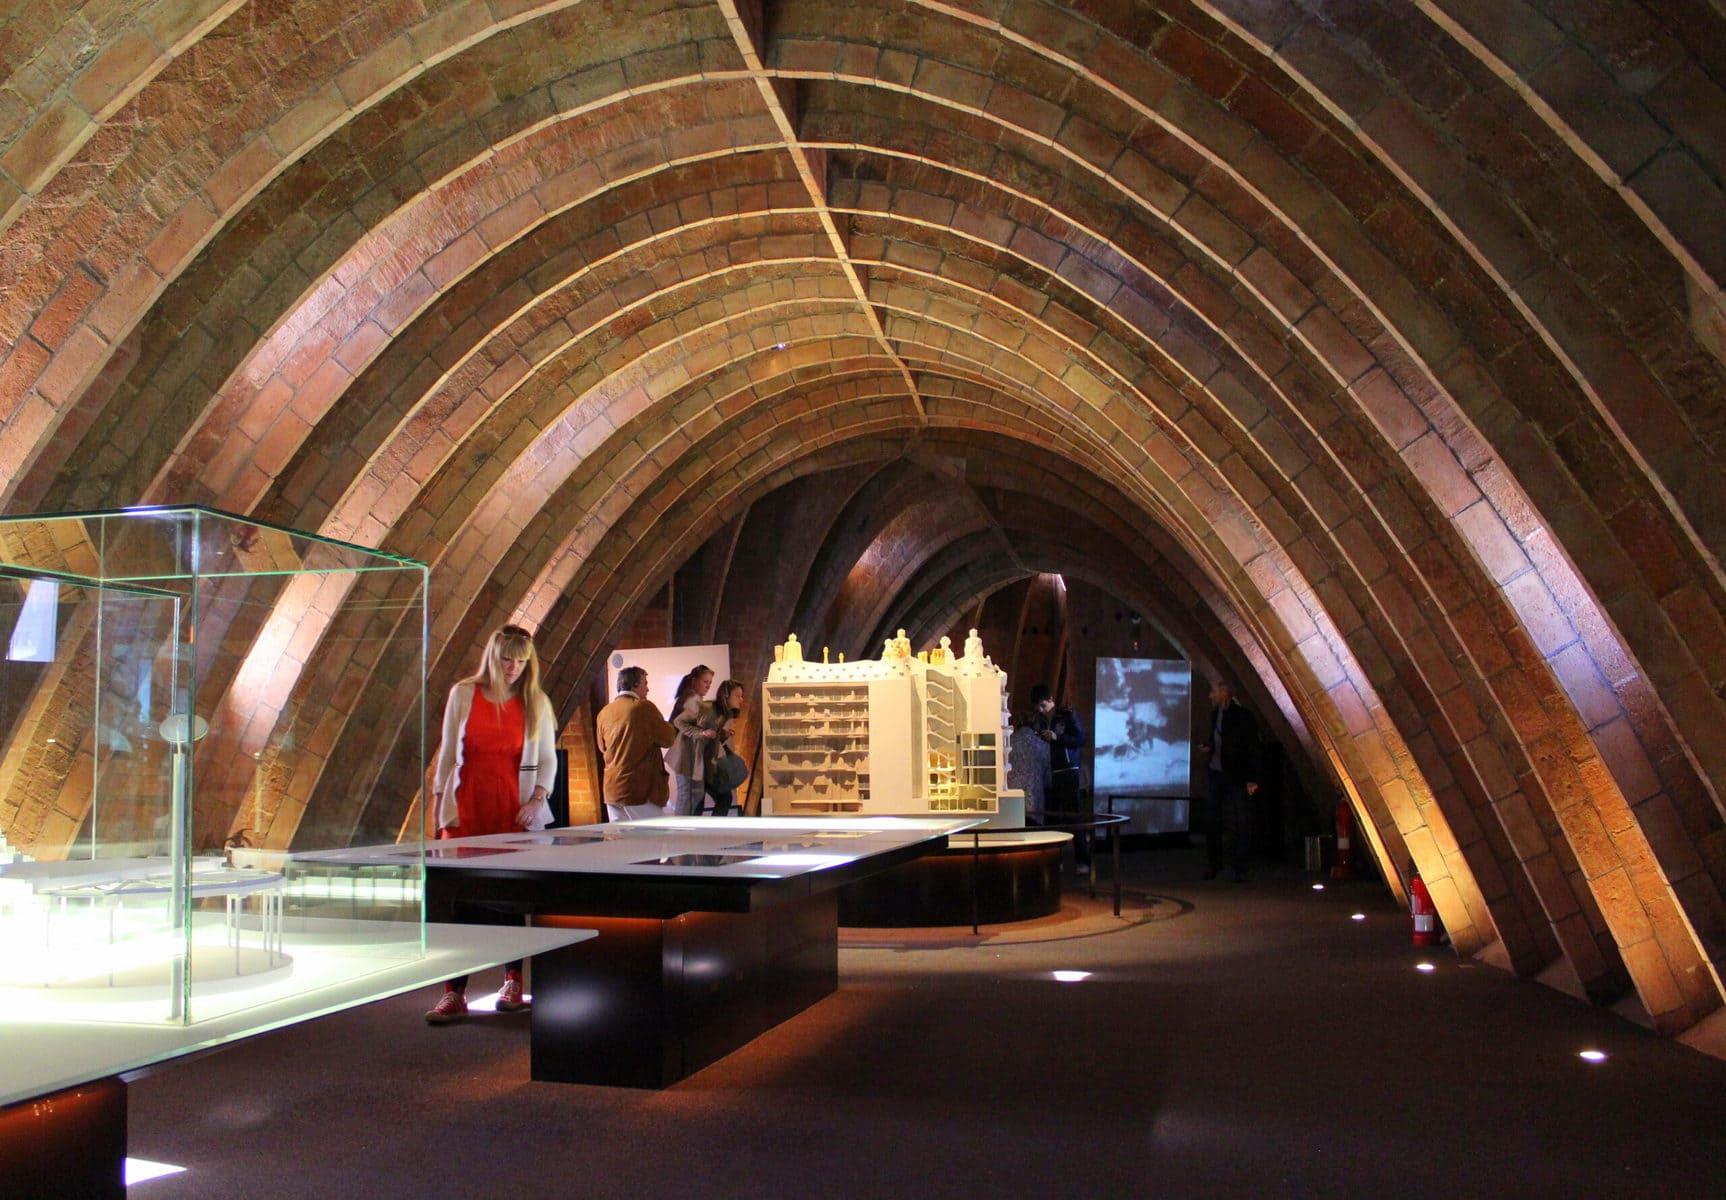 """Dachgeschoss der Casa Mila, die auch """"La Pedrera"""" (der Steinbruch) genannt wird, in Barcelona"""